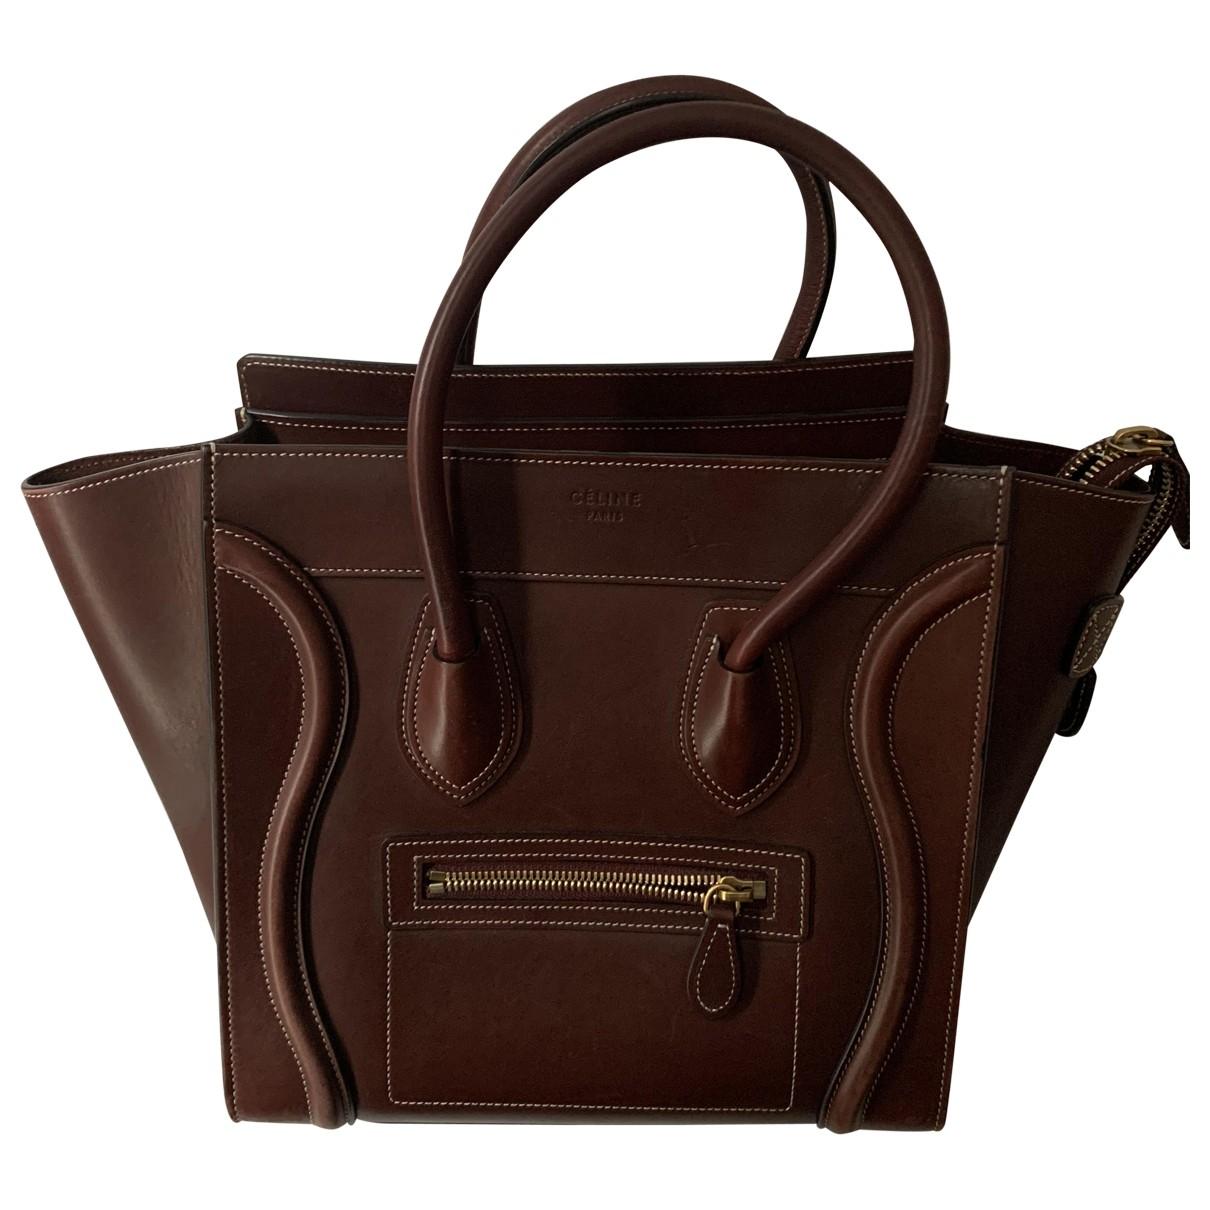 Celine - Sac a main Luggage pour femme en cuir - bordeaux